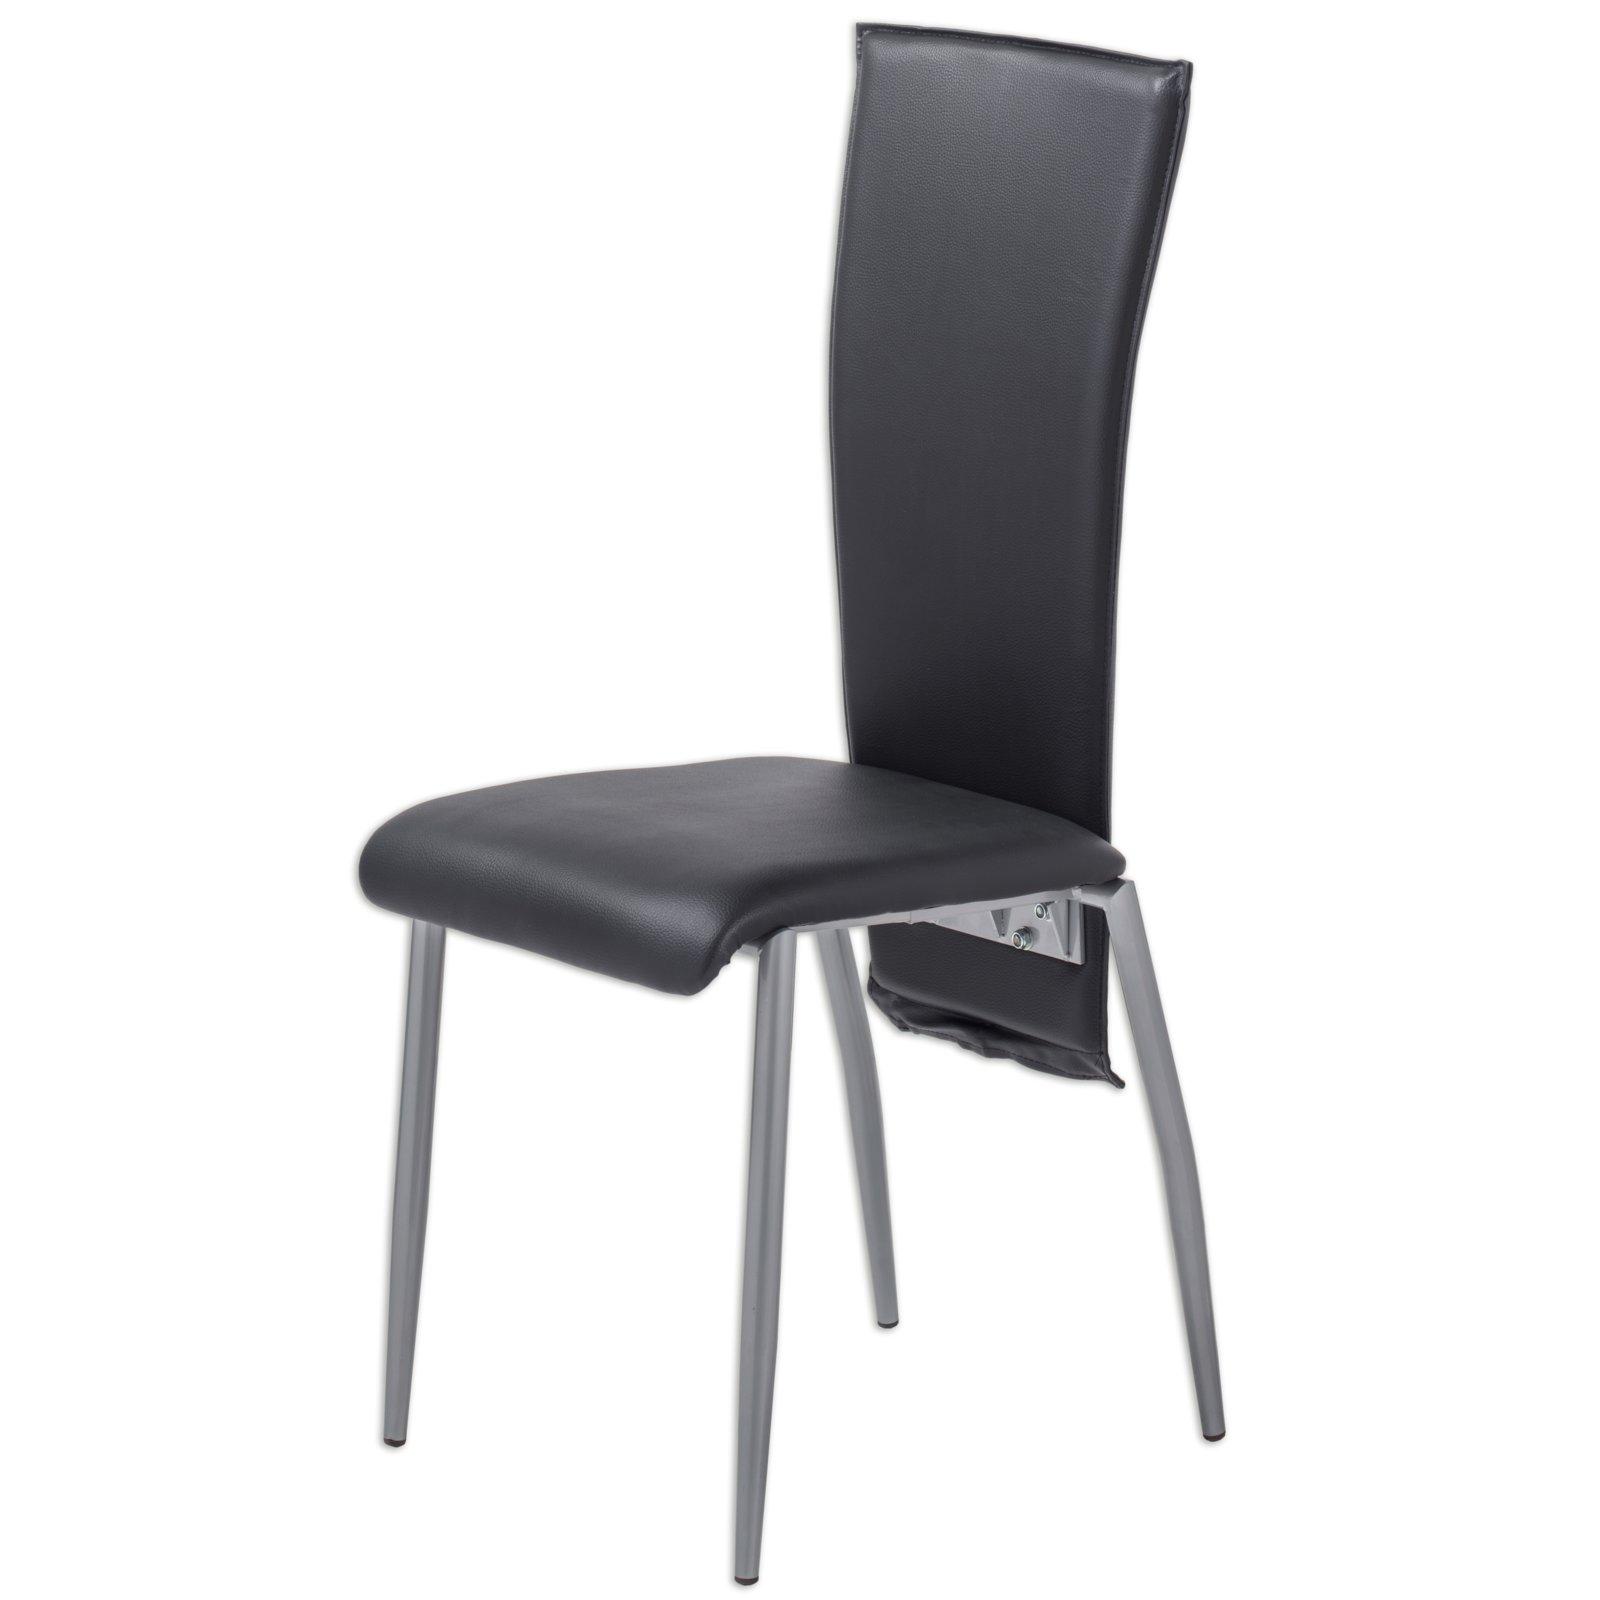 polsterstuhl juventus ii schwarz kunstleder. Black Bedroom Furniture Sets. Home Design Ideas